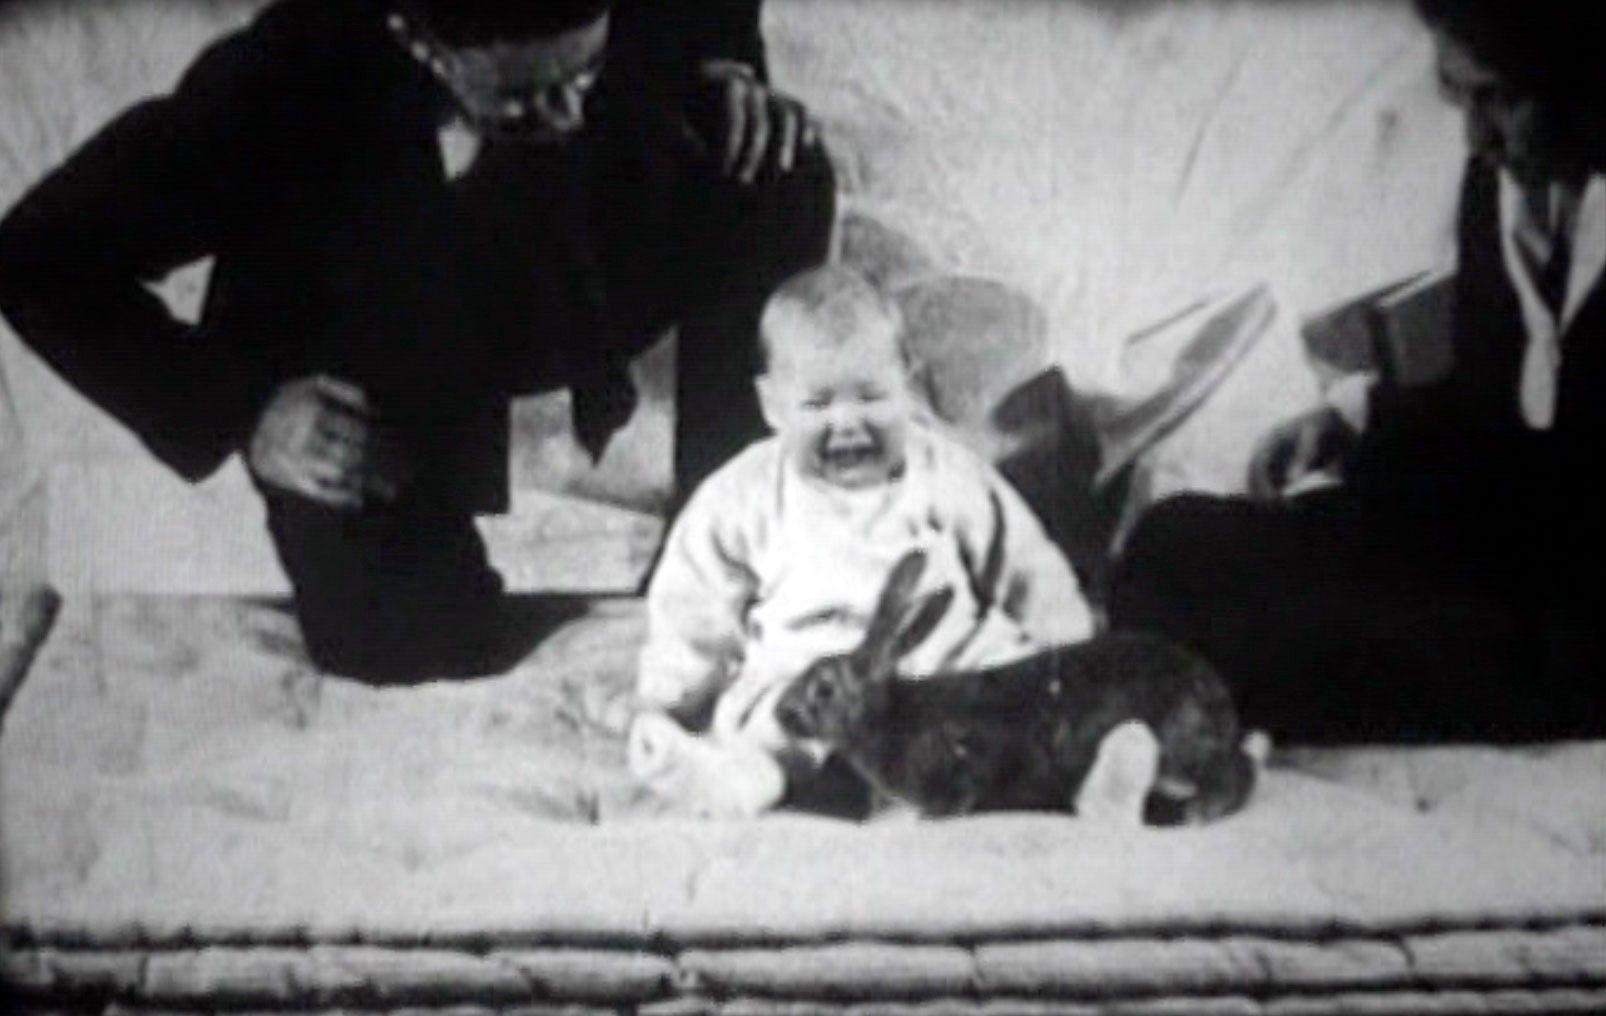 Pazze storie di psicologi: il piccolo Albert, la cavia umana che venne terrorizzata per dimostrare una teoria